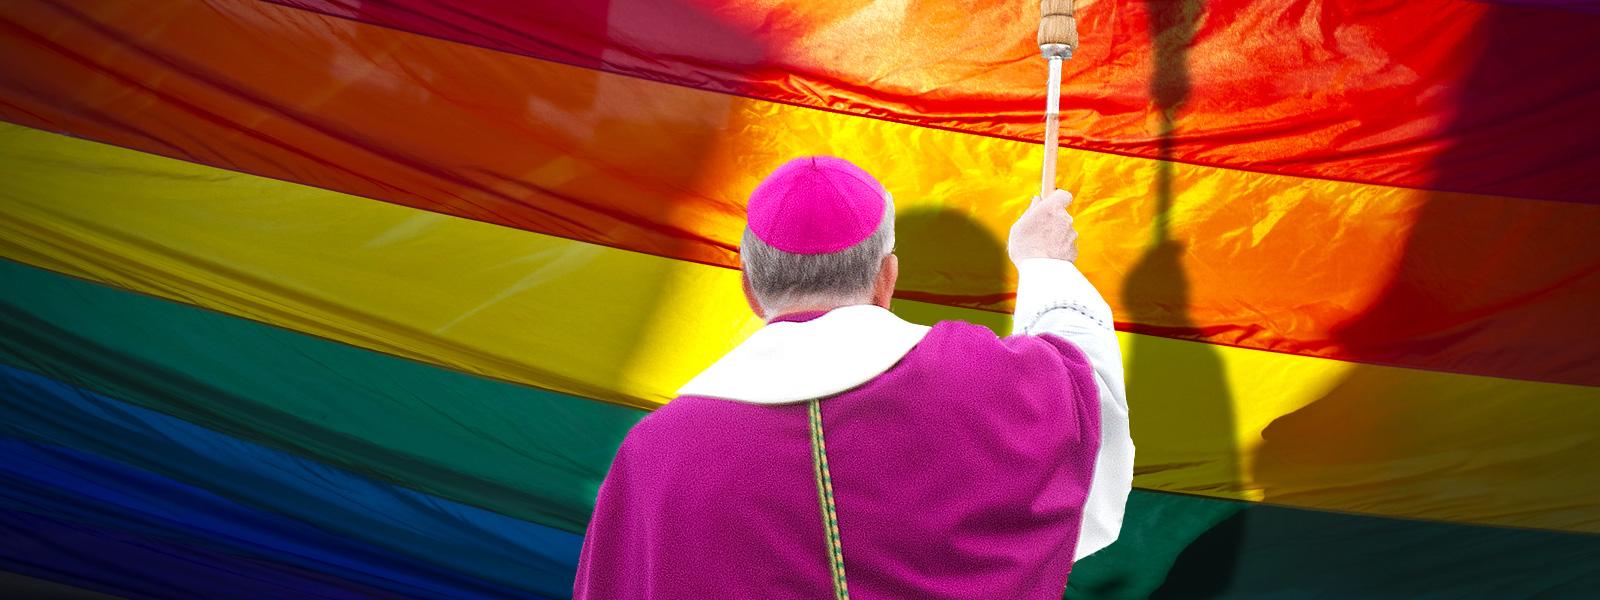 """Według telewizji Trwam ataki wobec duchowieństwa, wiernych i Kościoła katolickiego mają źródło w """"ideologii LGBT"""